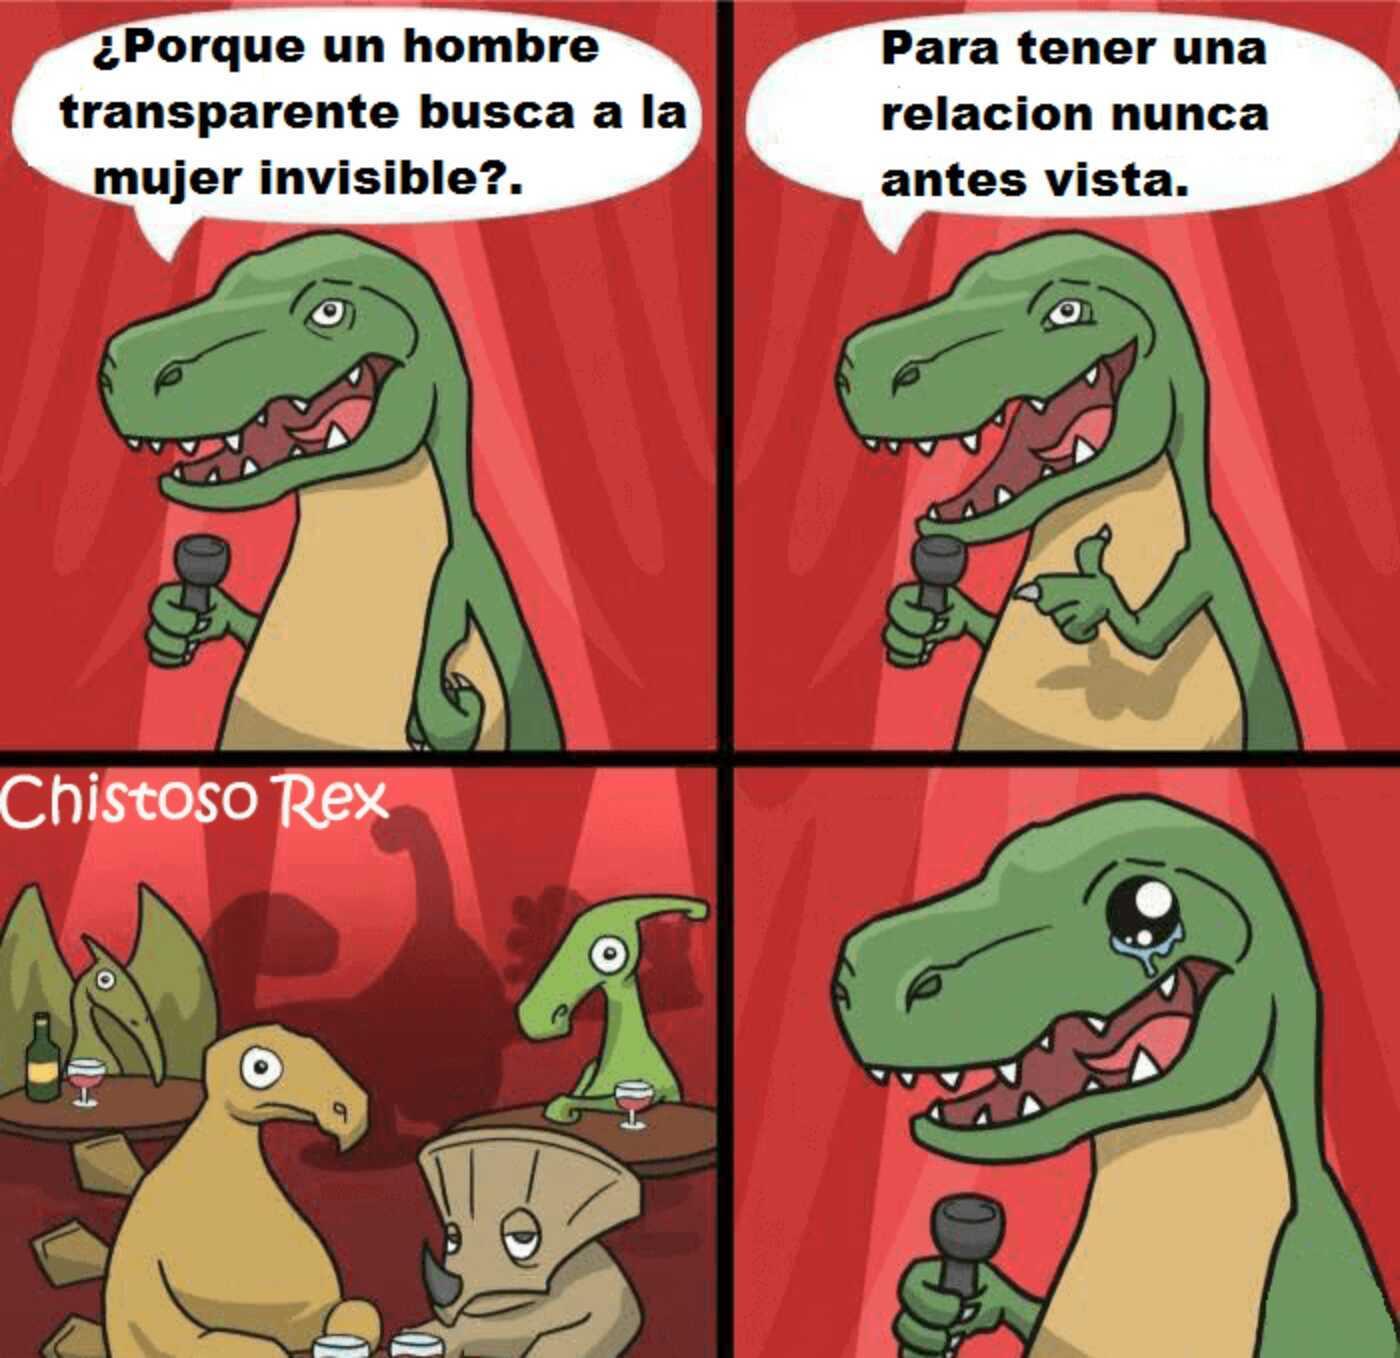 Chistoso Rex... - meme